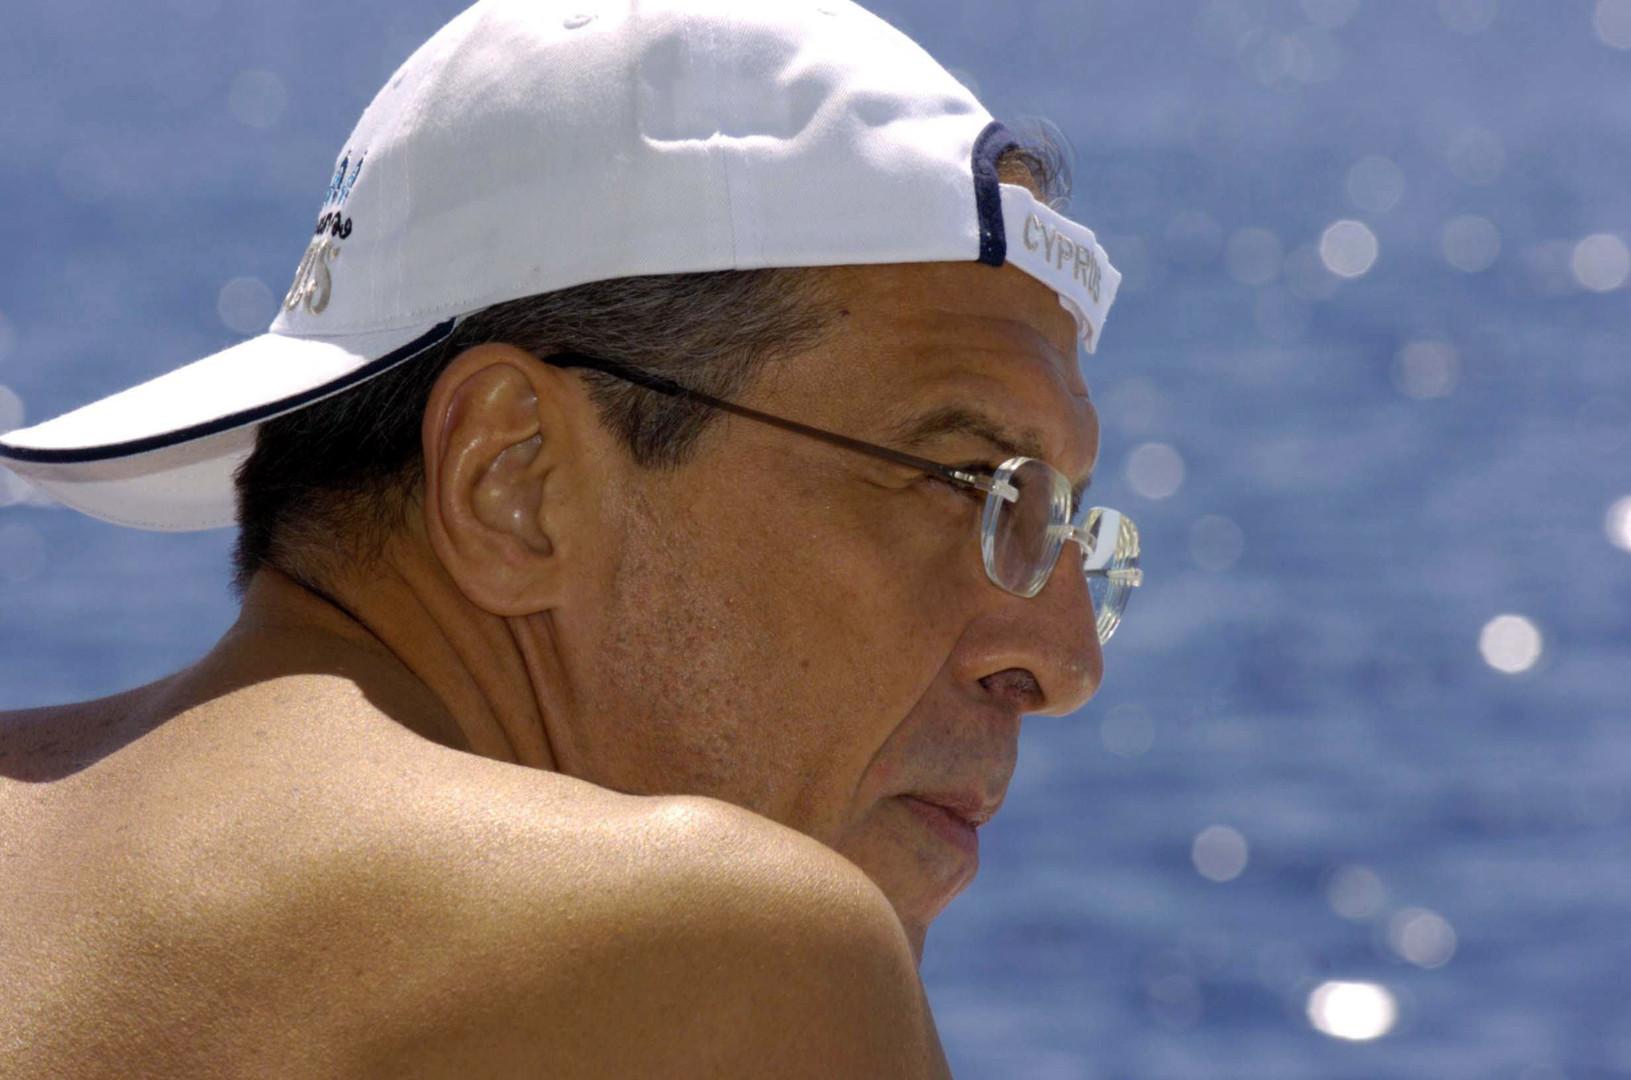 Sergej Lawrow am Meer auf Zypern am 01. Dezember 2005.